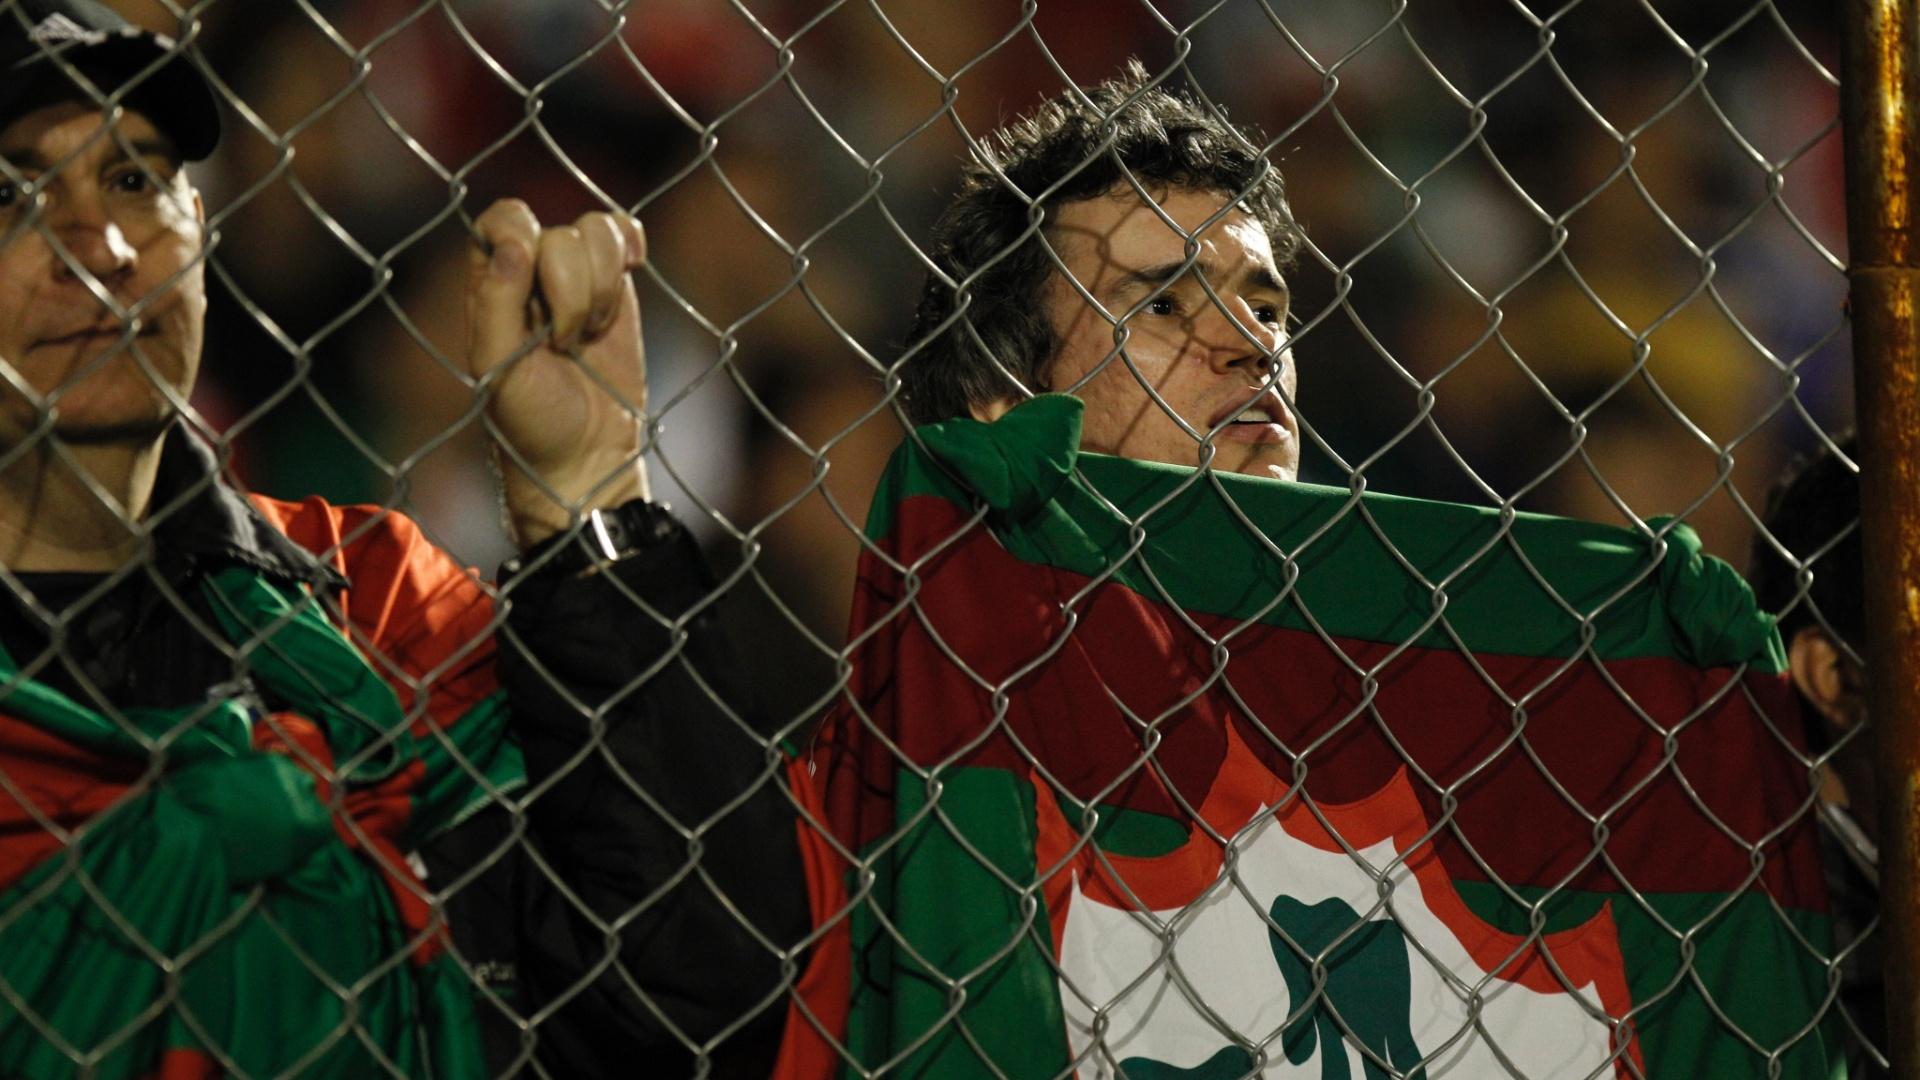 Campeã da Série B, a Portuguesa goleou o rebaixado Duque de Caxias por 4 a 0 no estádio do Canindé